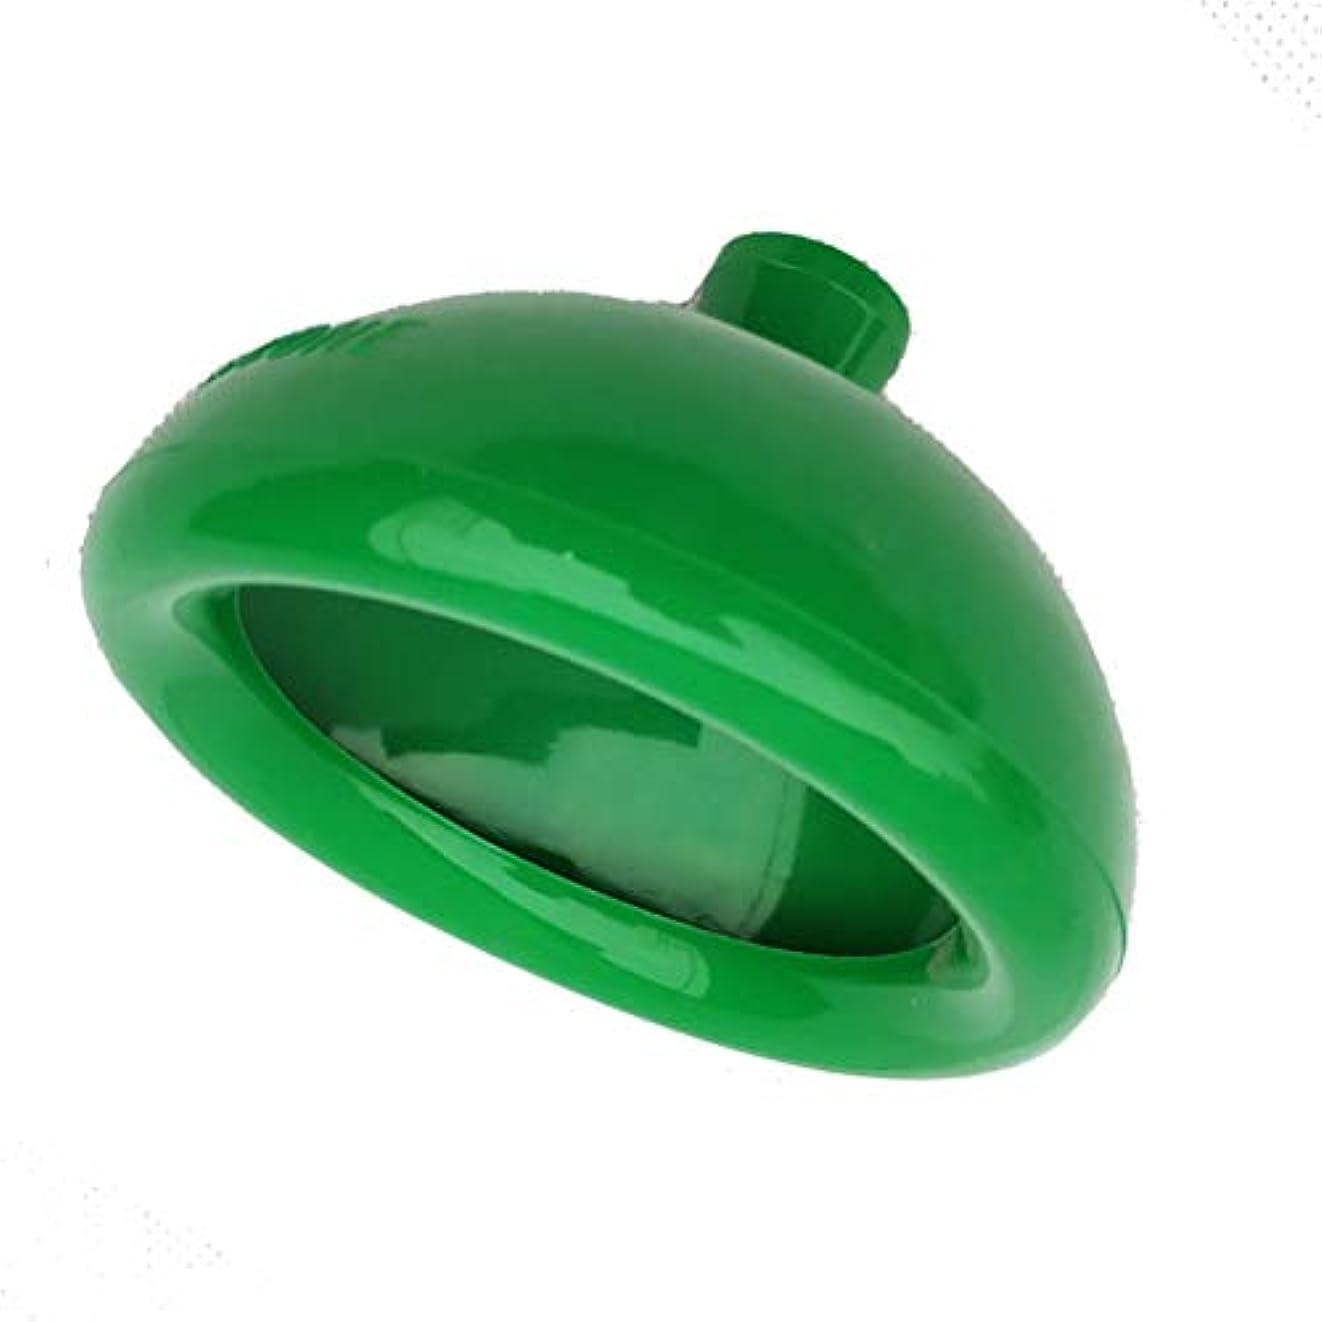 有料マラウイ不信子供シリコーン高齢者のためのシリコーンゲル圧力ドラムマッサージ痰カップ痰げっぷダイジェストヘルパー